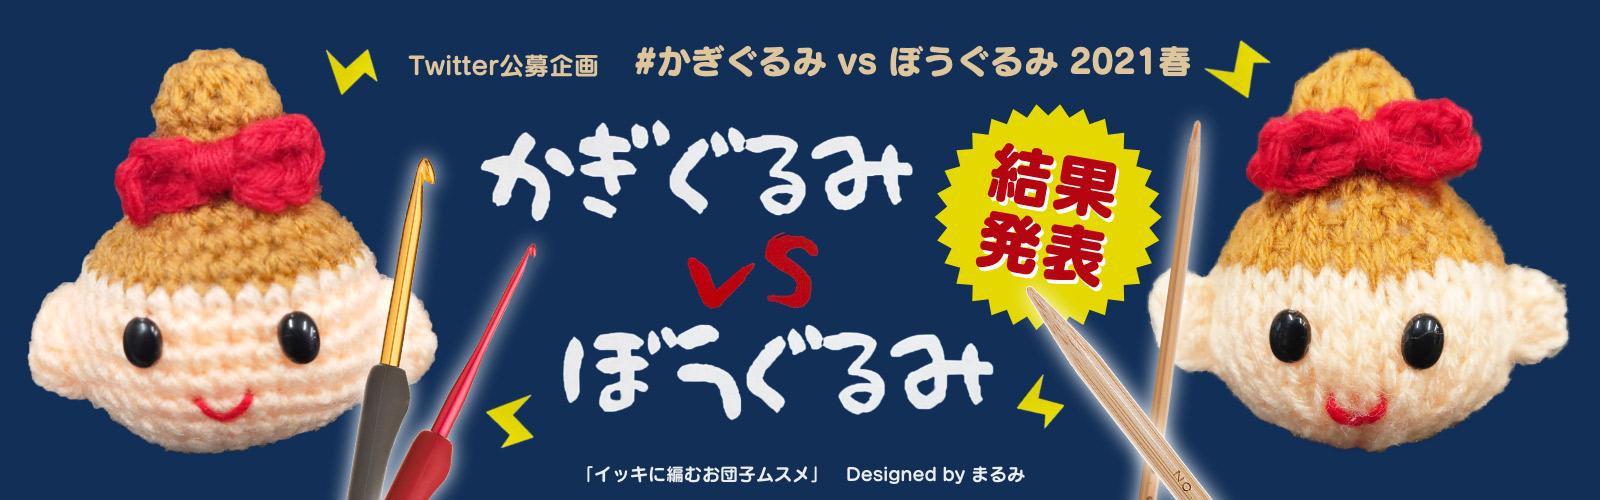 SNS公募企画  「かぎぐるみ vs ぼうぐるみ2021春]